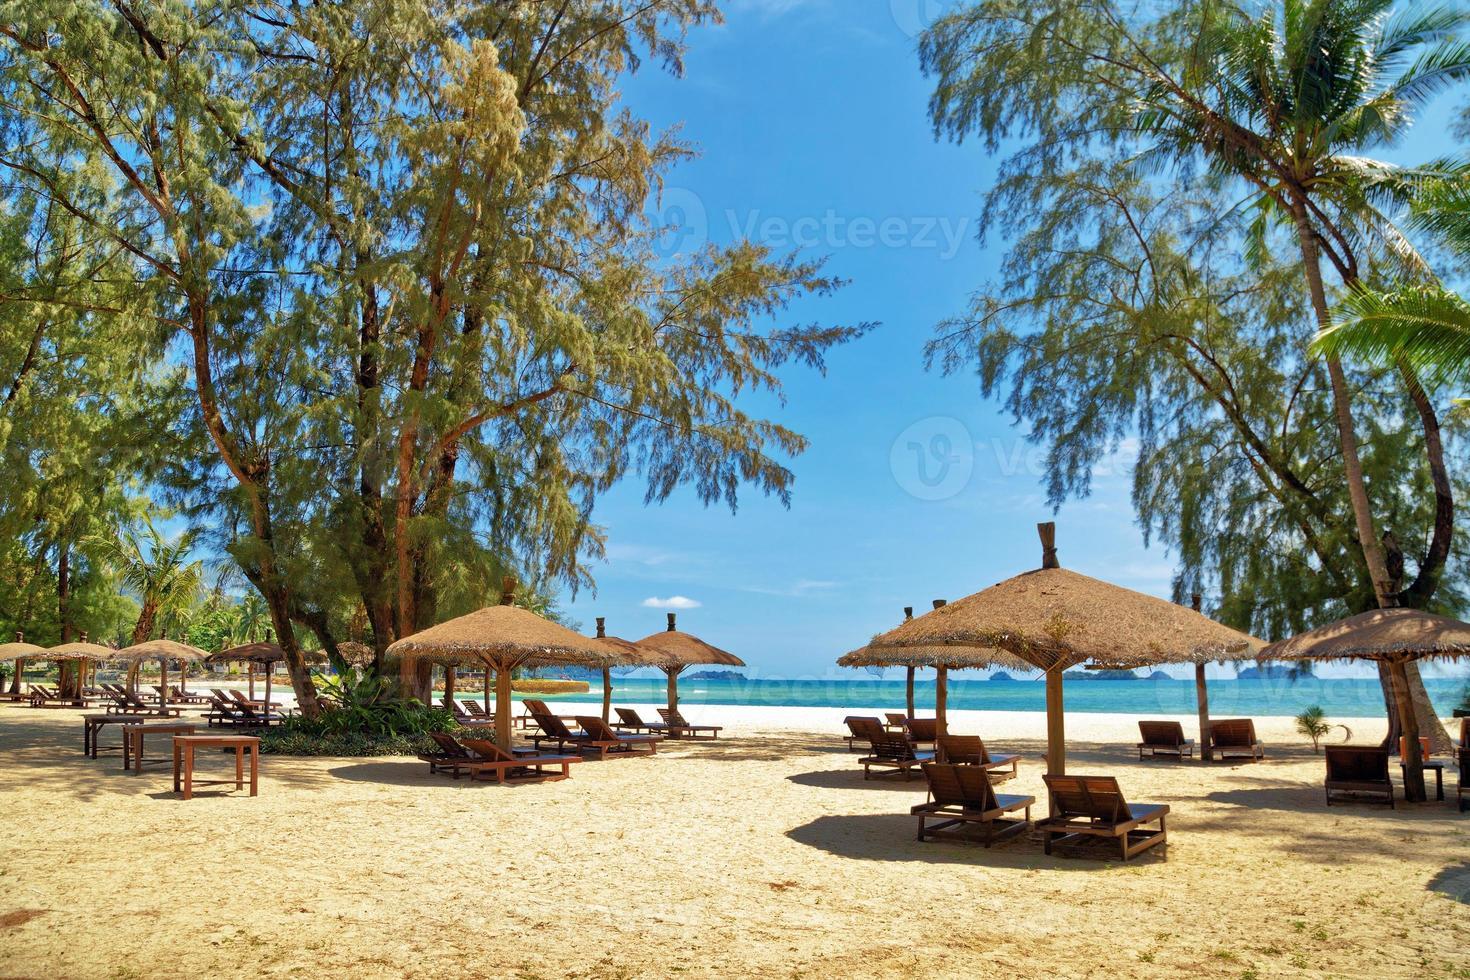 houten stoelen en parasols op wit zandstrand foto